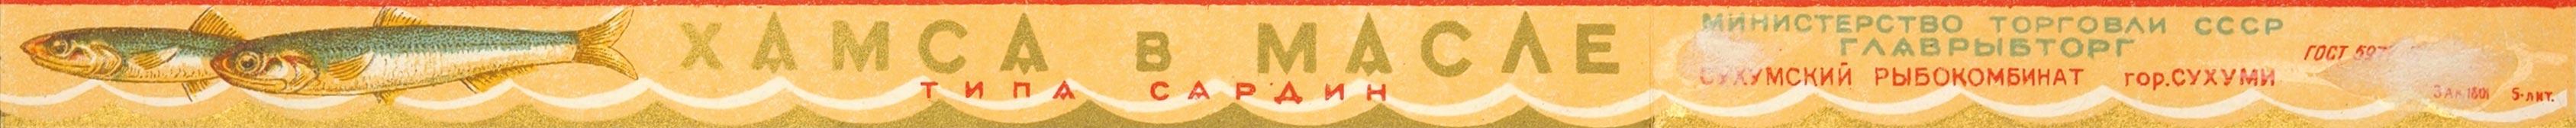 1950-е. Образец дизайна этикетки консервов «Хамса в масле. Типа сардин». Мин. торг. СССР. Главрыбторг. Сухуми, Сухумский рыбокомбинат.